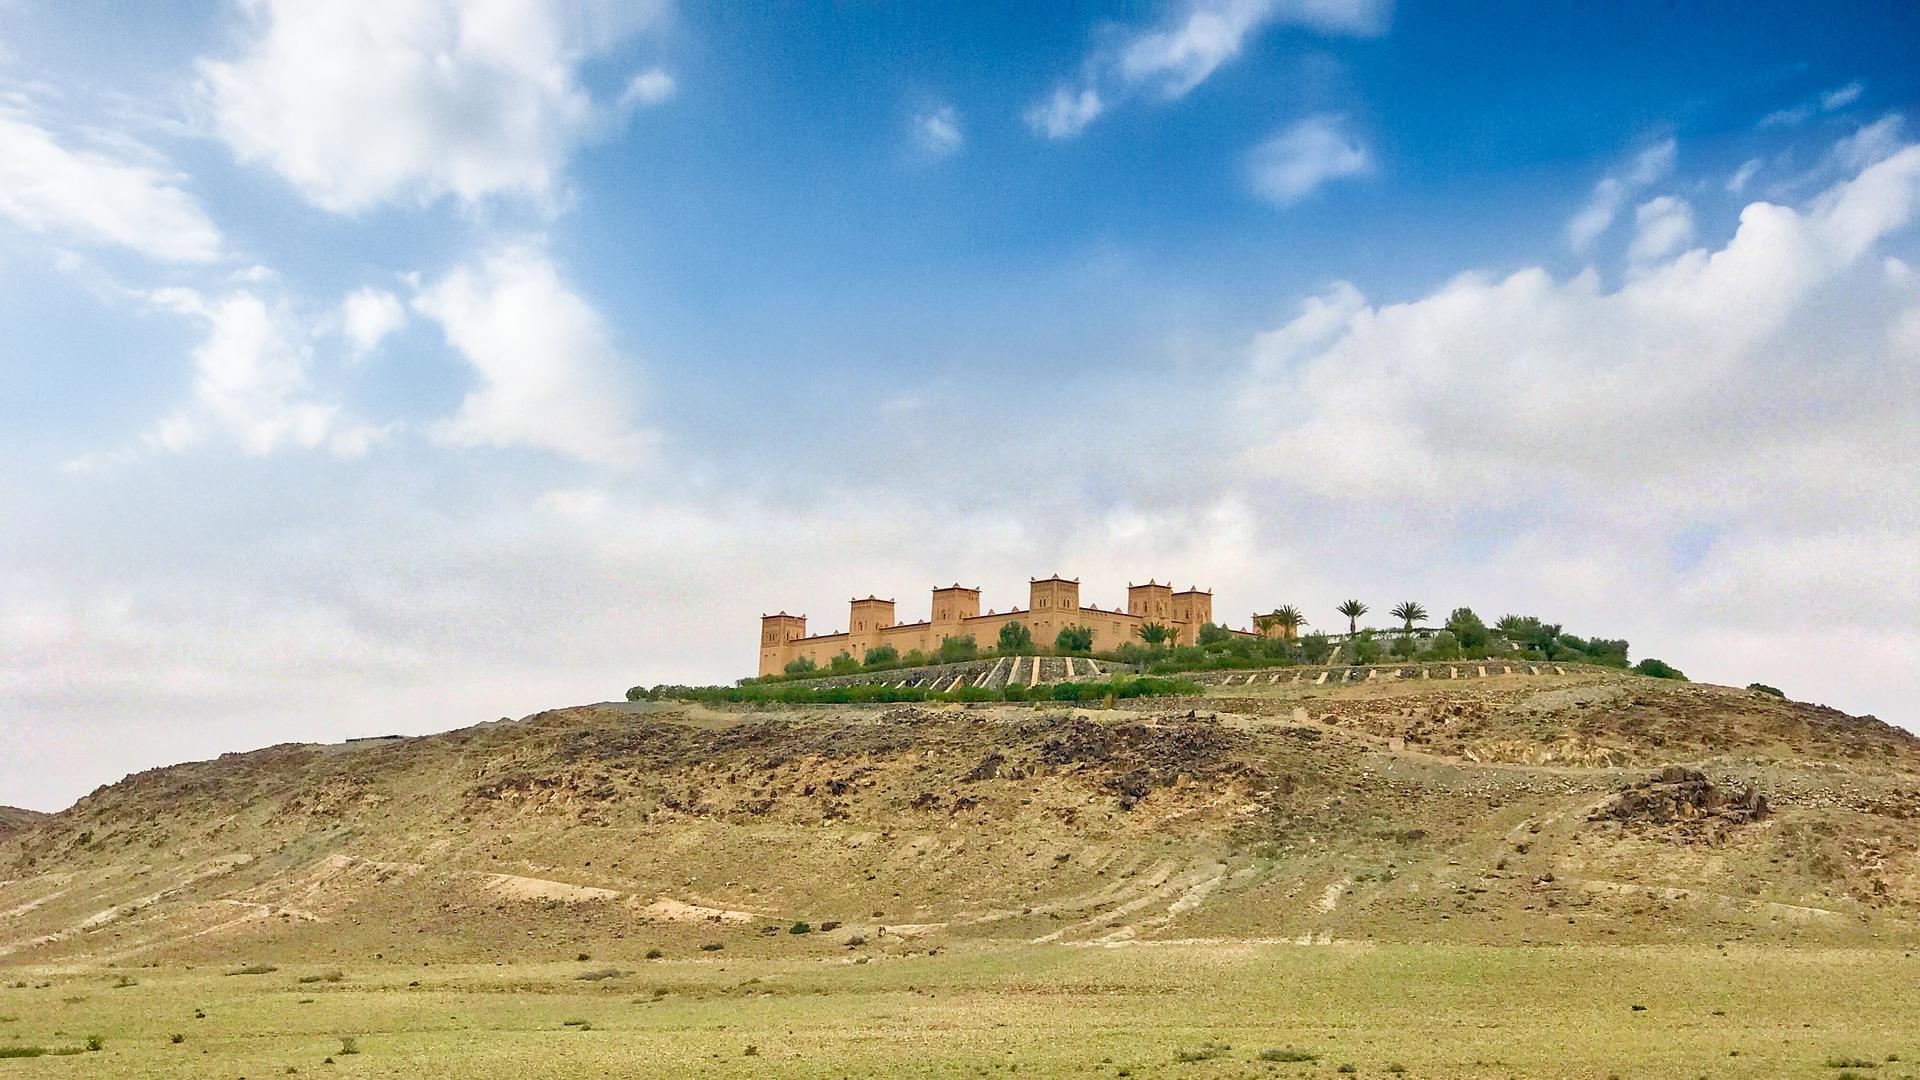 Marrakesch Halbpension günstig buchen ab 213,00€ - Eine Woche Marokko